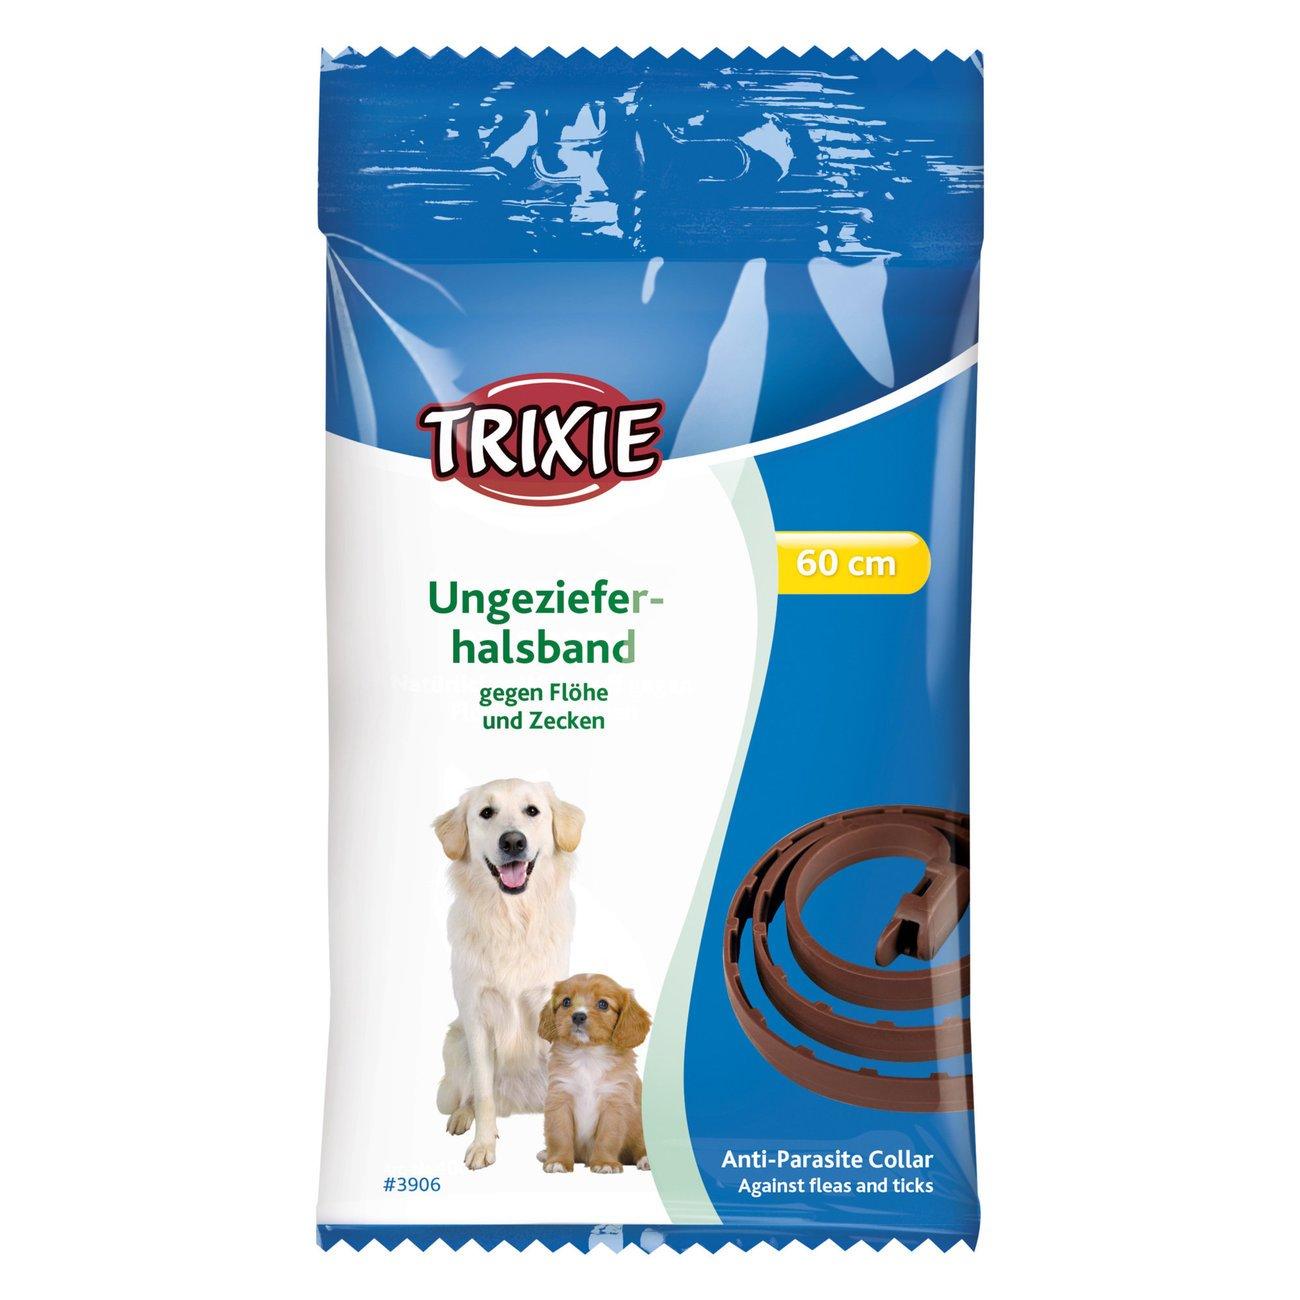 Trixie Ungeziefer Halsband für Hunde, bis zu 60 cm